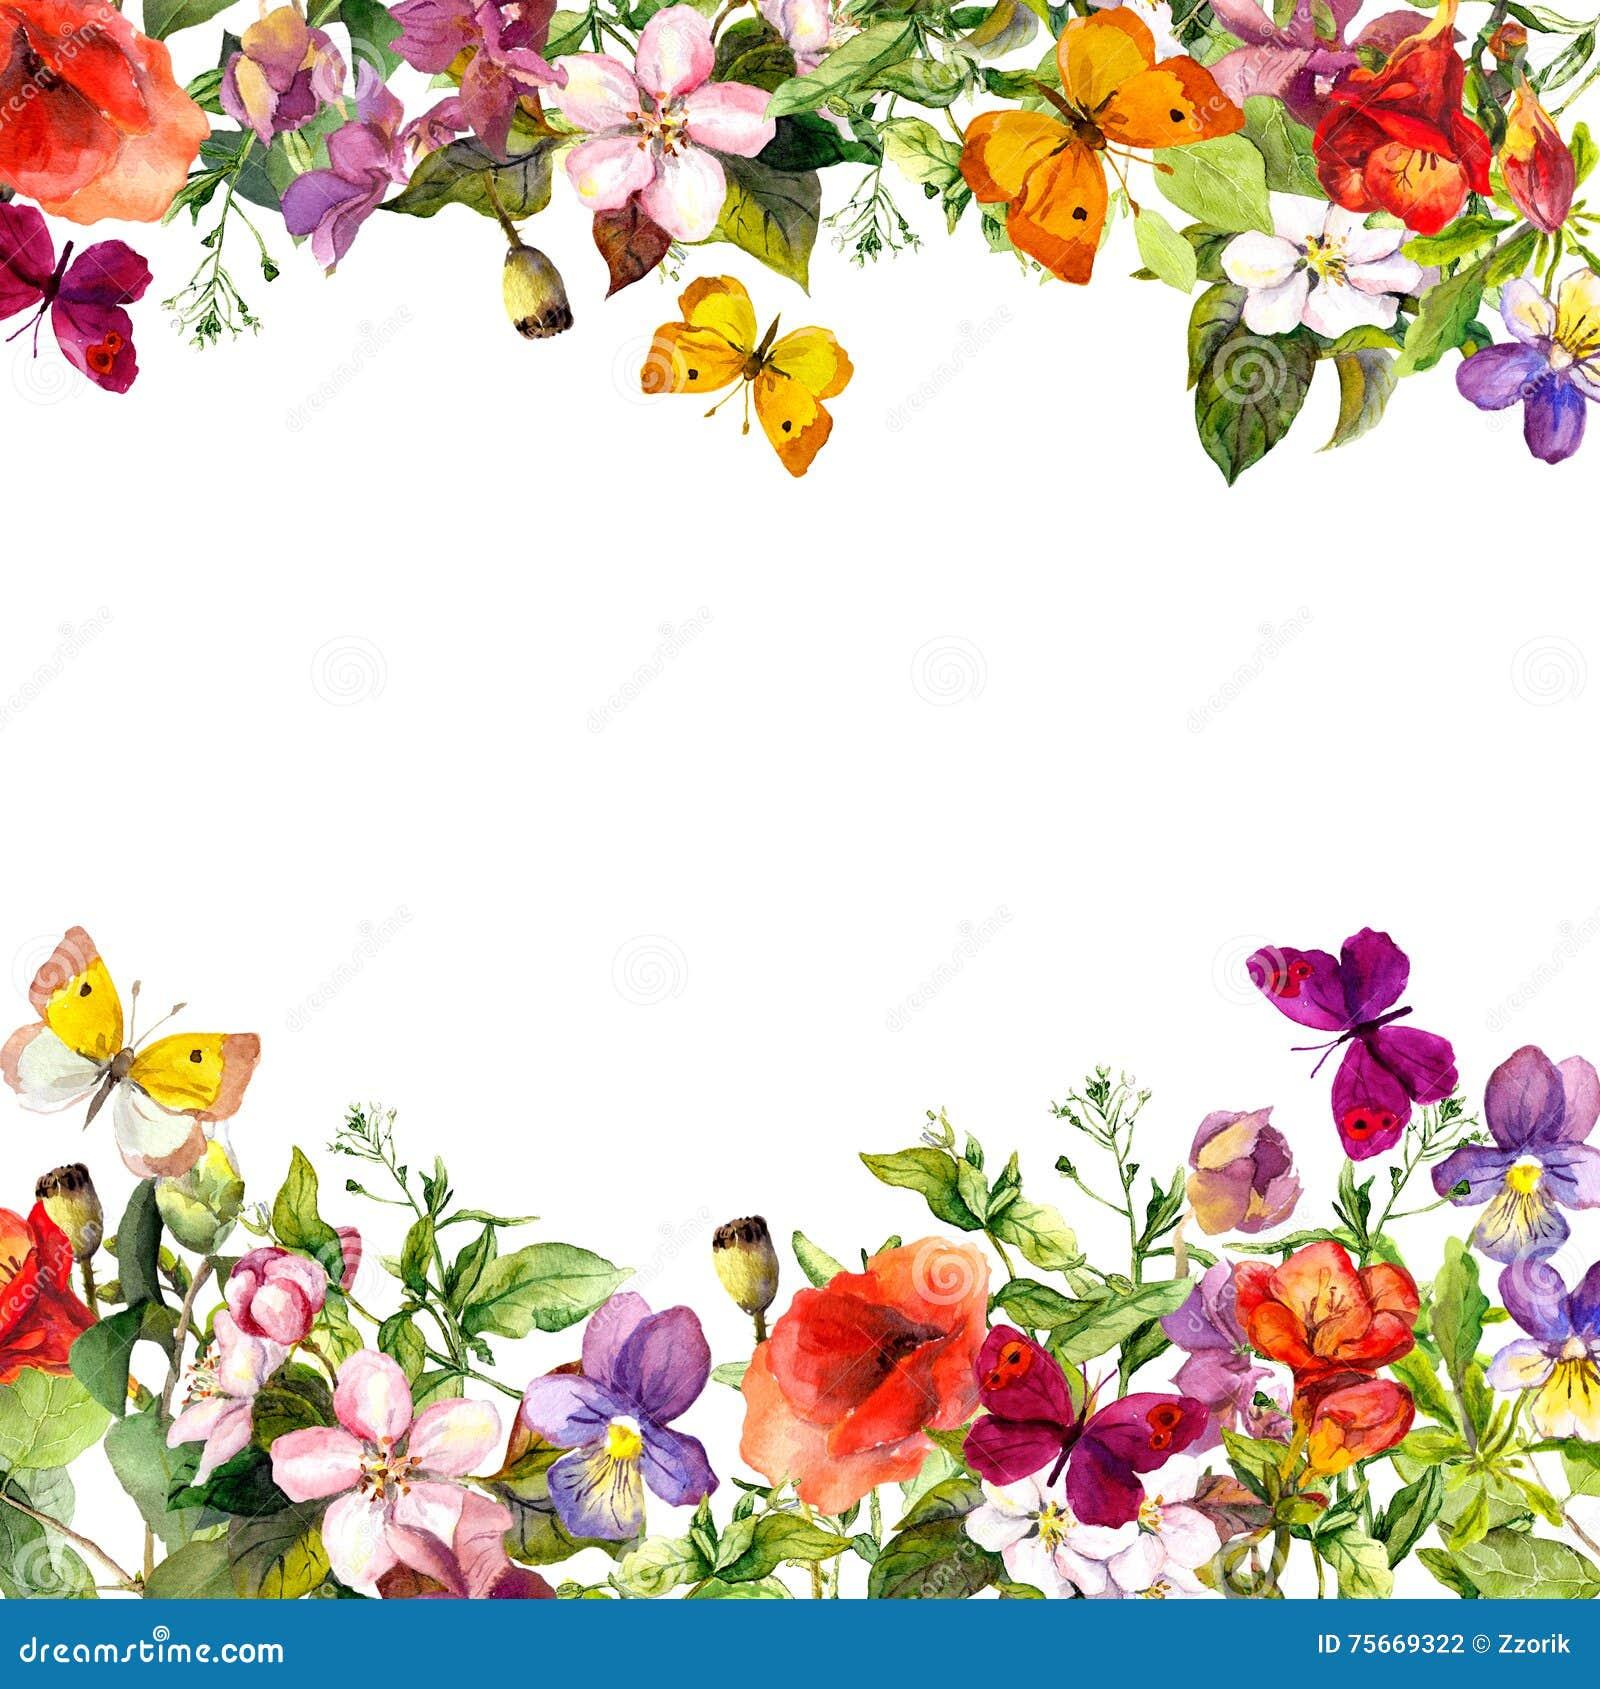 Spring Summer Garden Flowers Grass Herbs Butterflies Floral